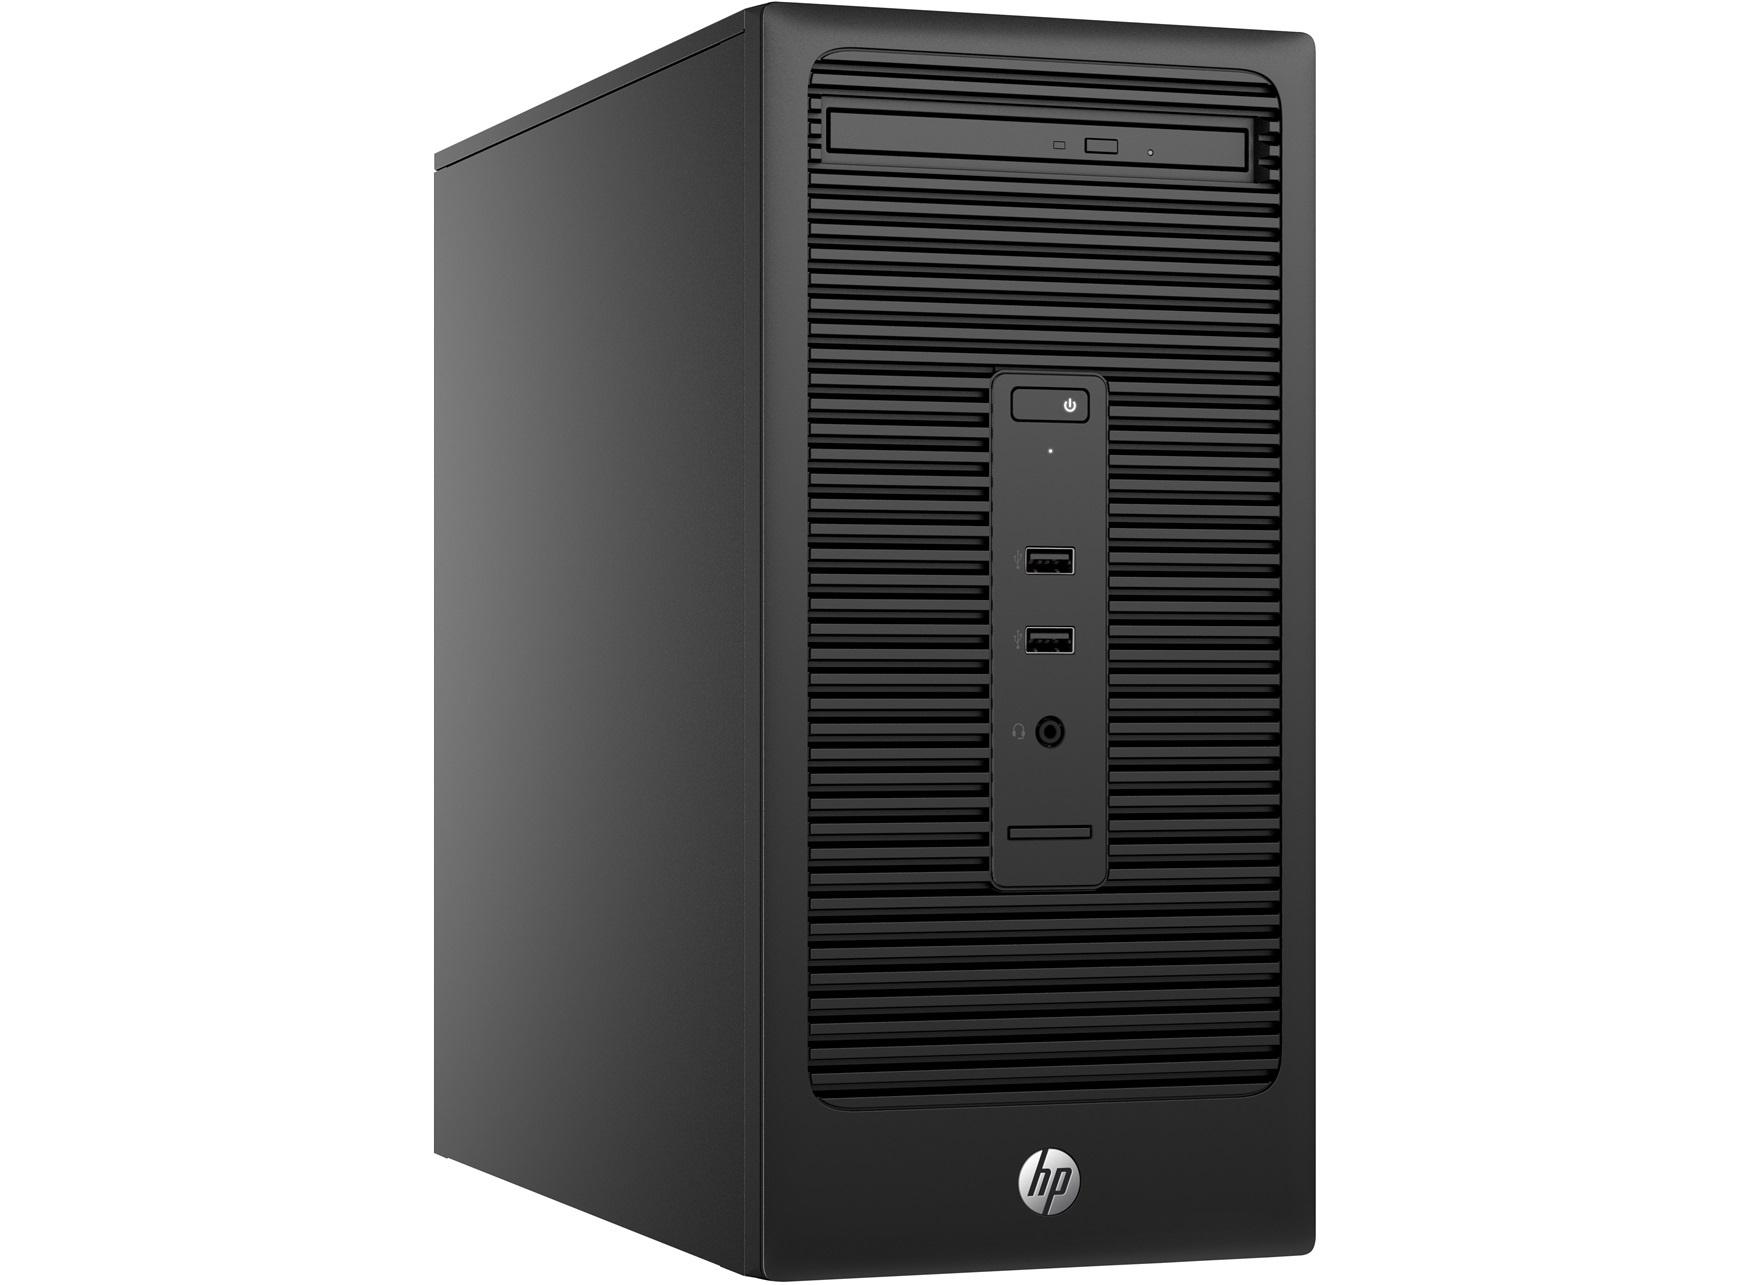 Máy tính để bàn HP 280 G2 Microtower - 1AL39PA